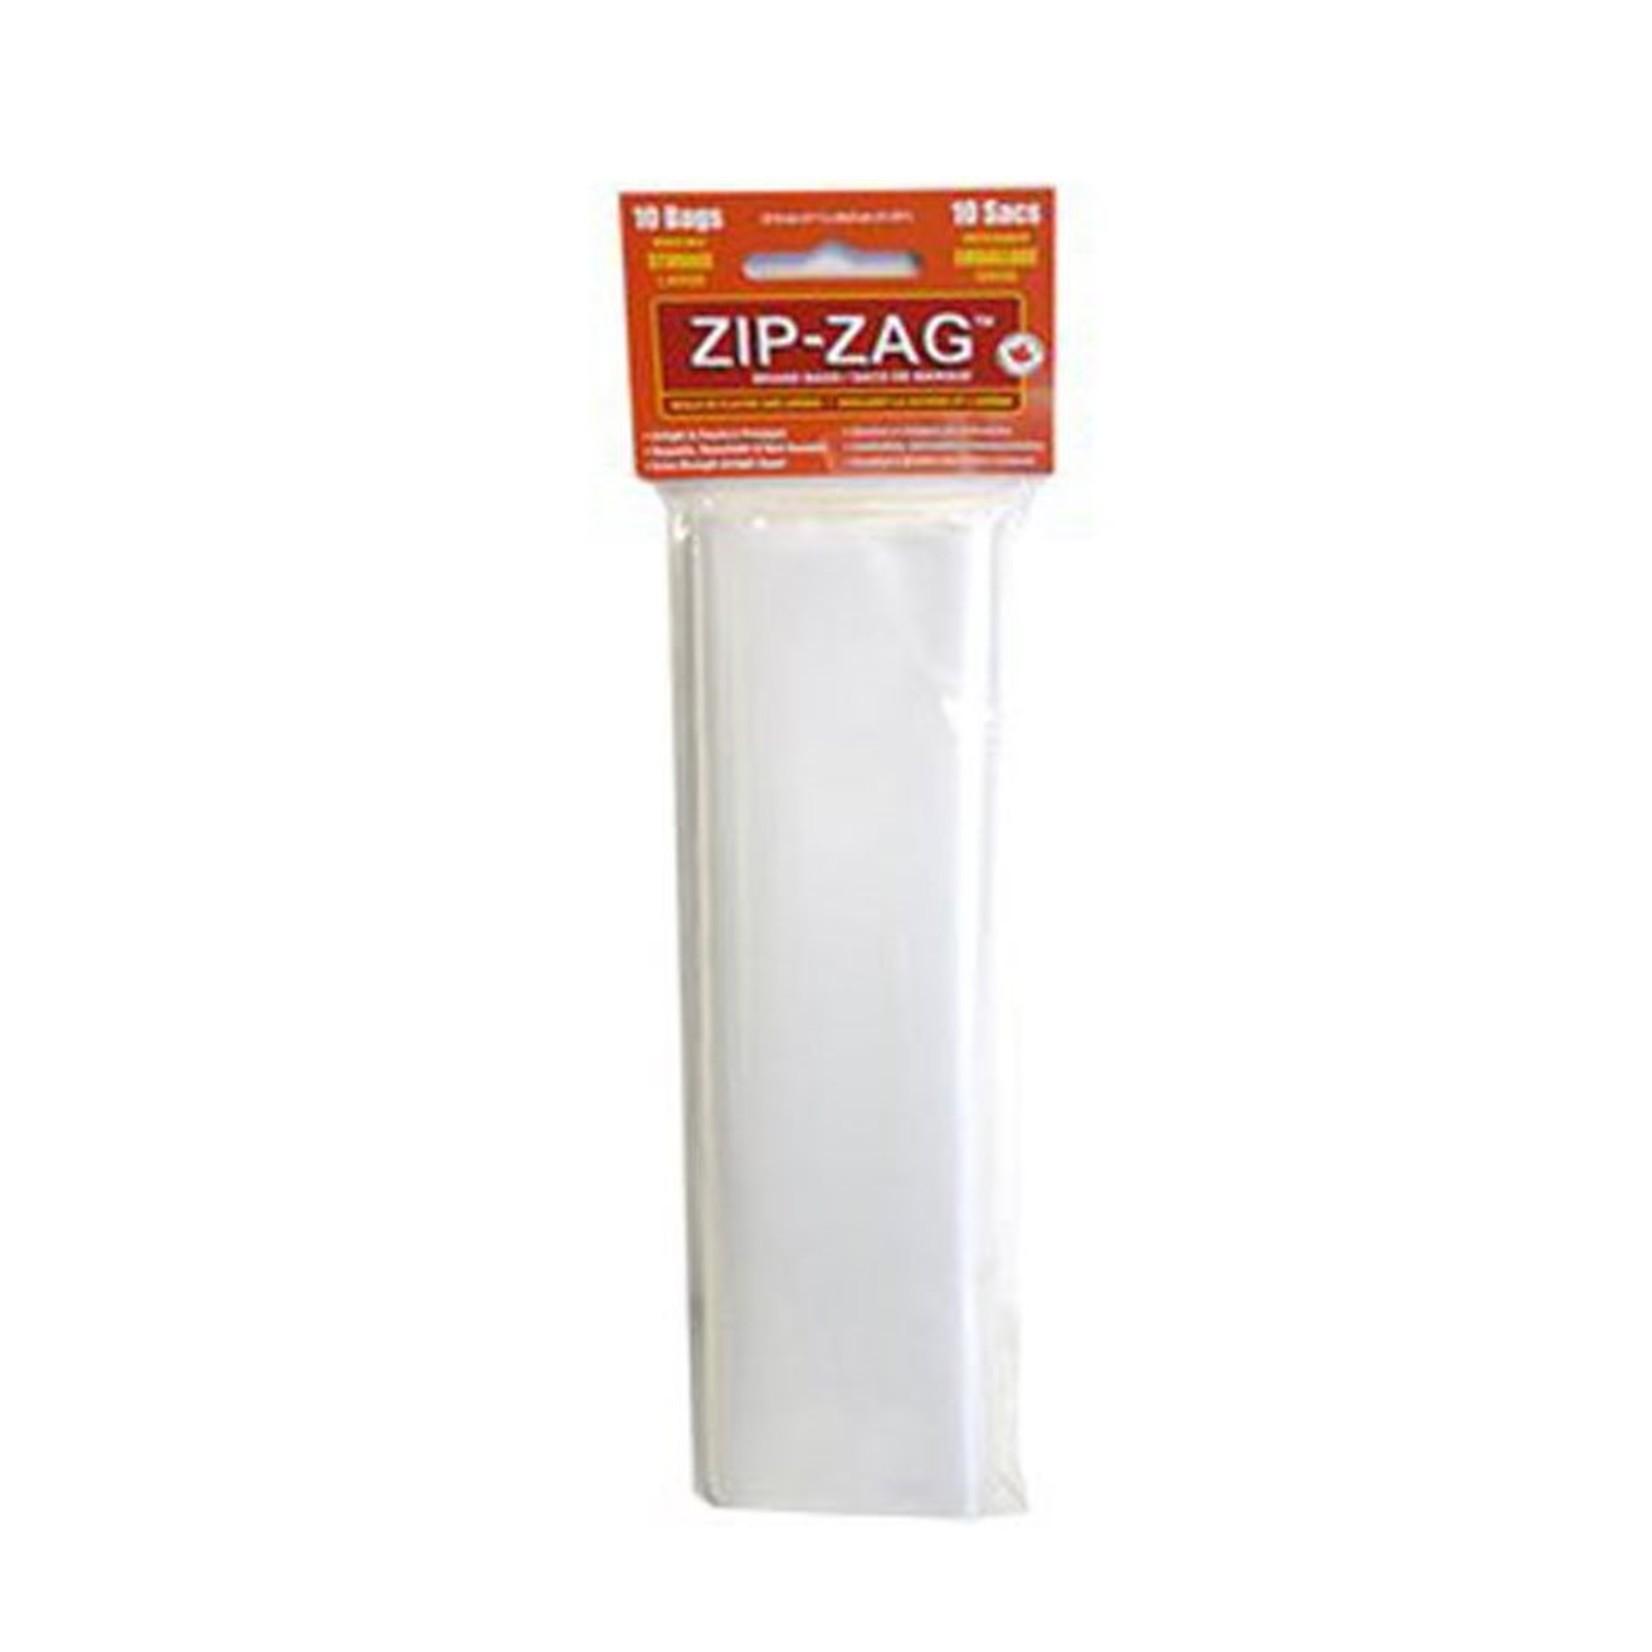 zip-zag ZIP-ZAG LARGE(10)